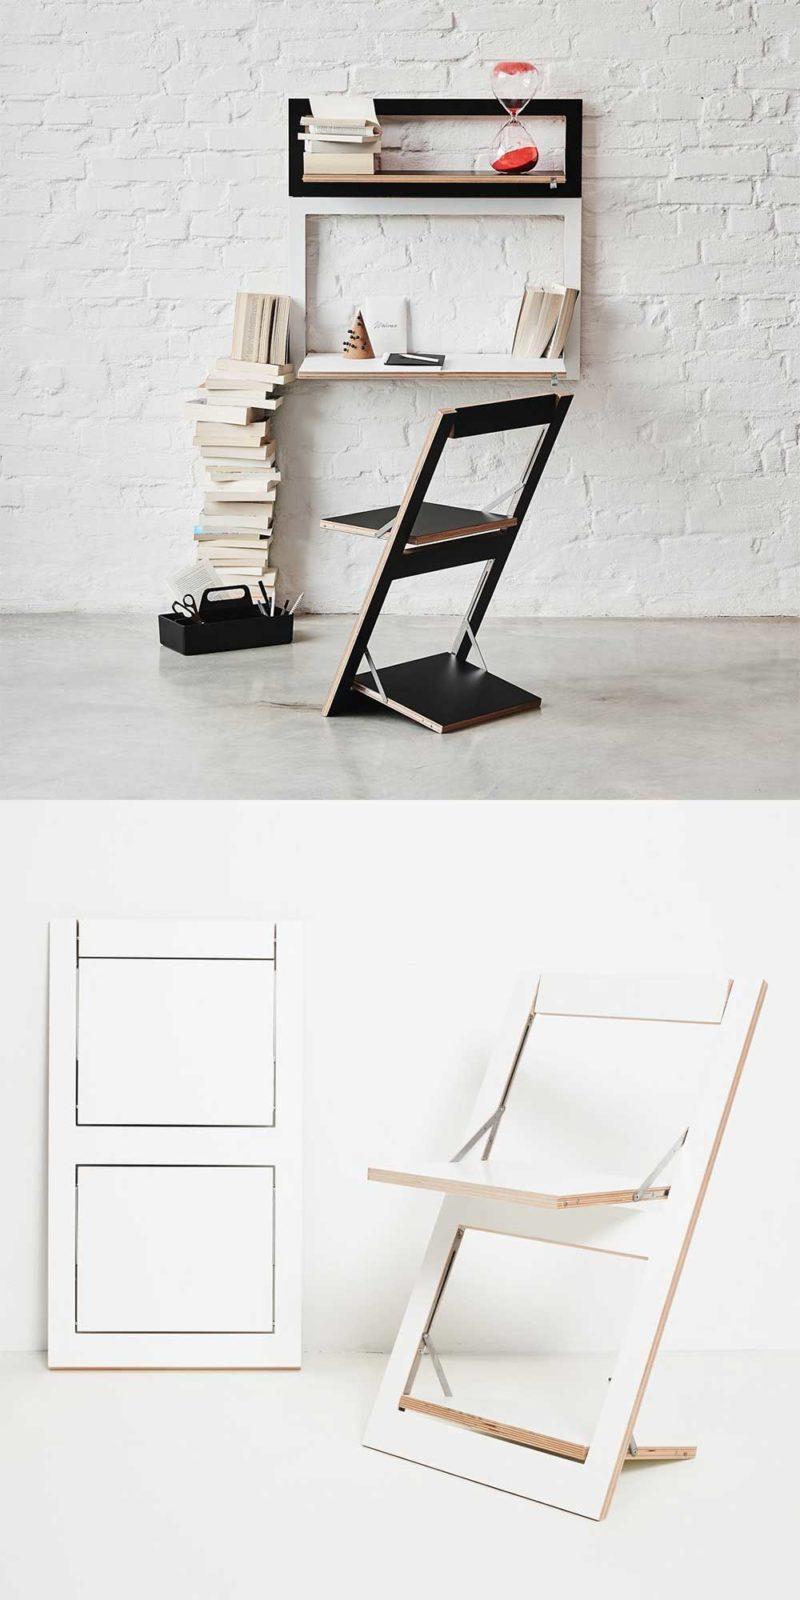 Chaise pliante originale